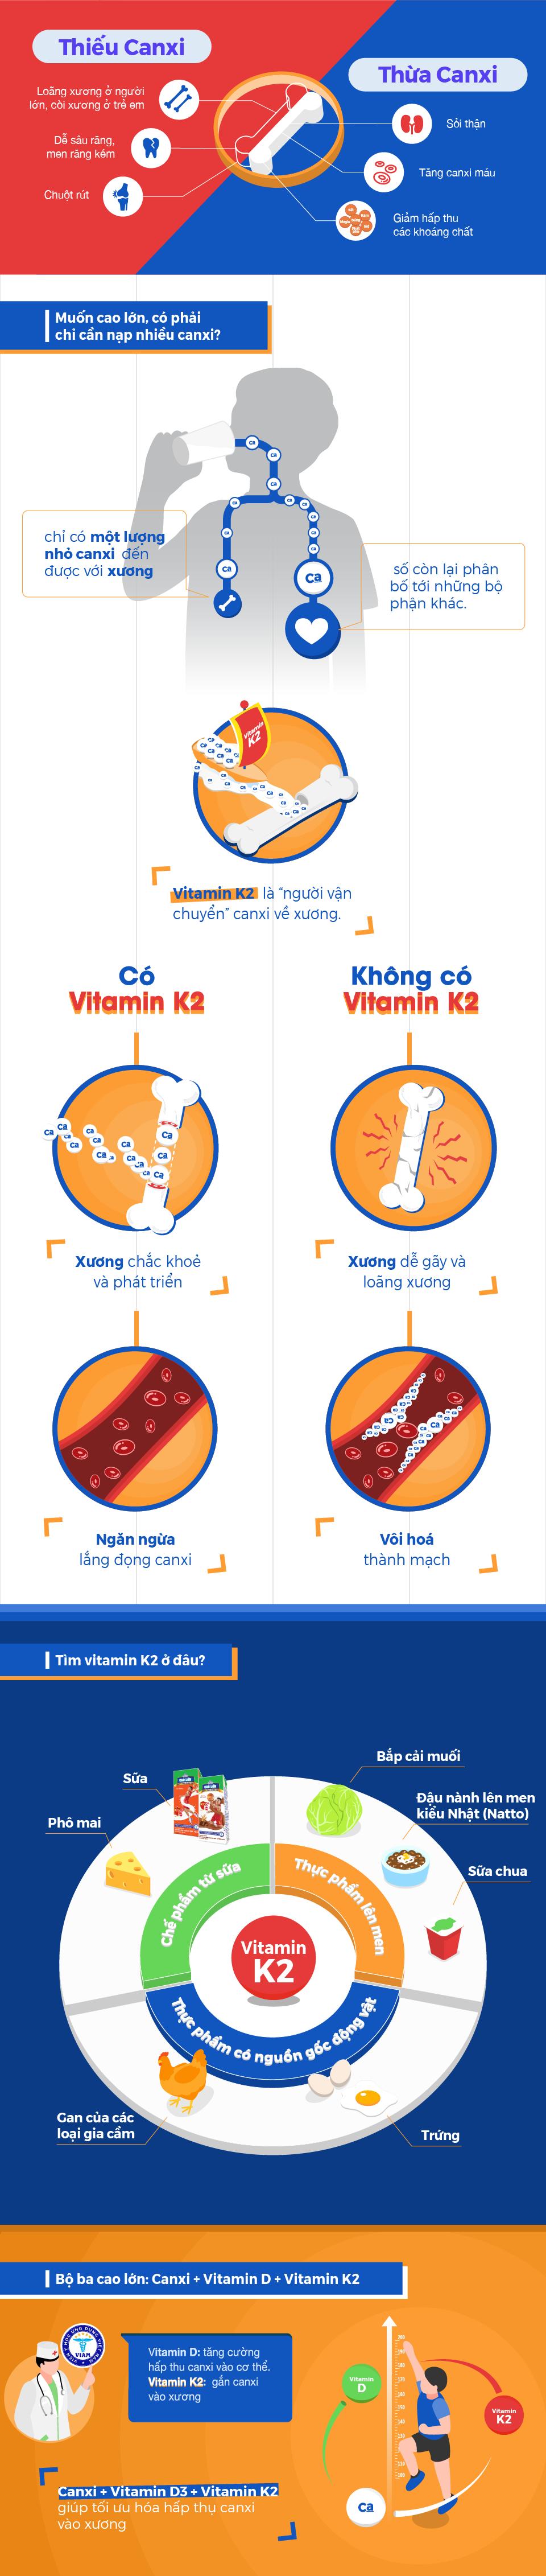 Các vi chất giúp tăng chiều cao cho trẻ